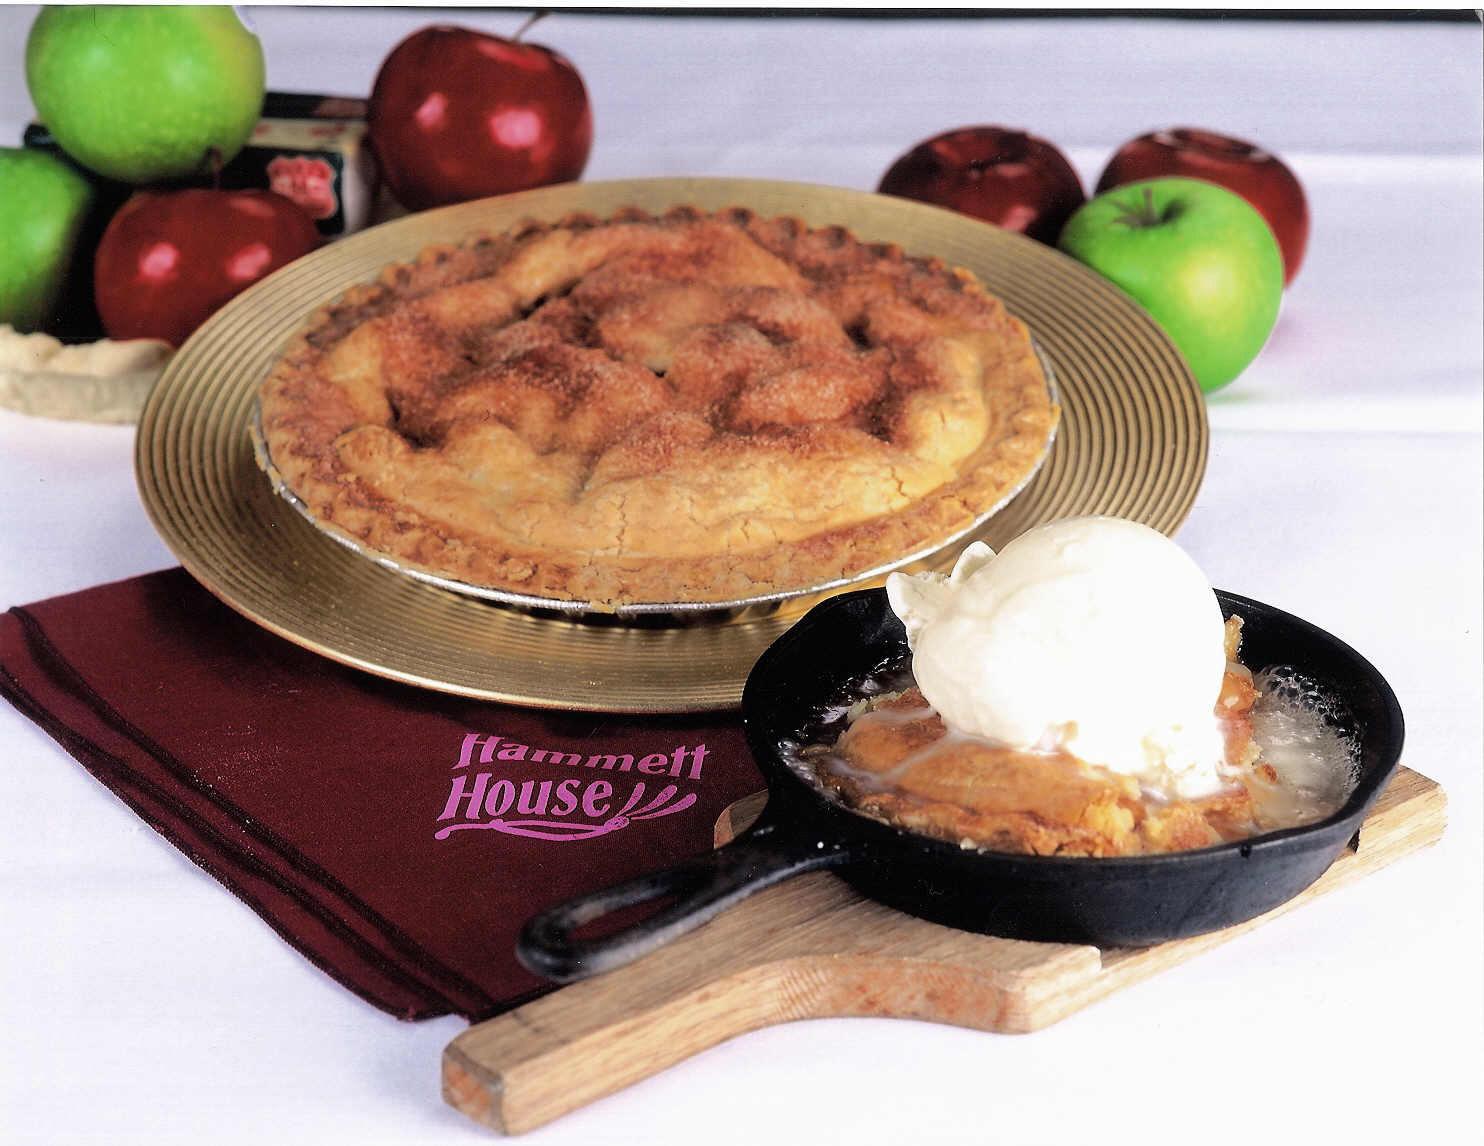 Sizzlin' Apple Delight! at Hammett House Restaurant